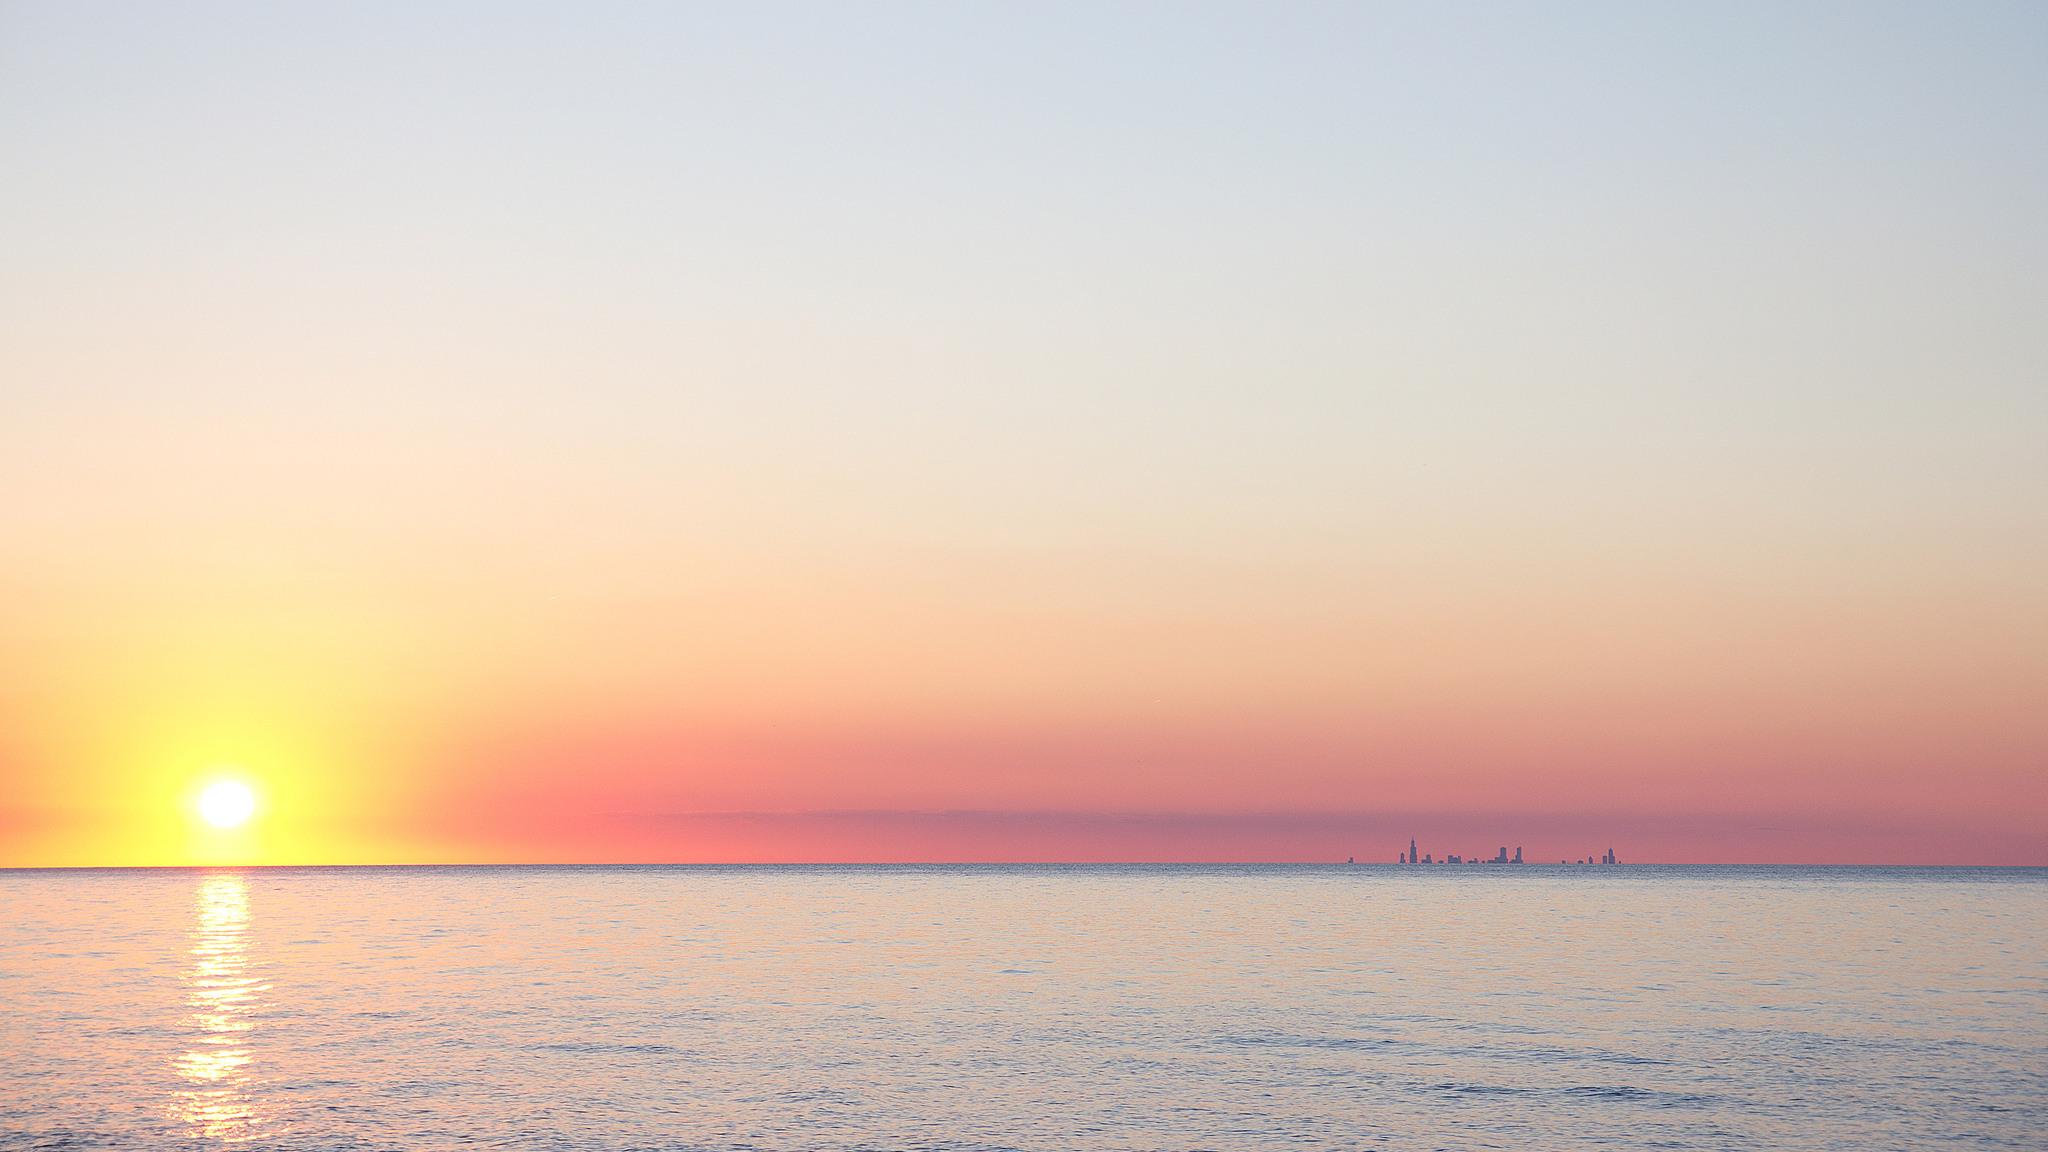 природа деревья море солнце горизонт вечер загрузить